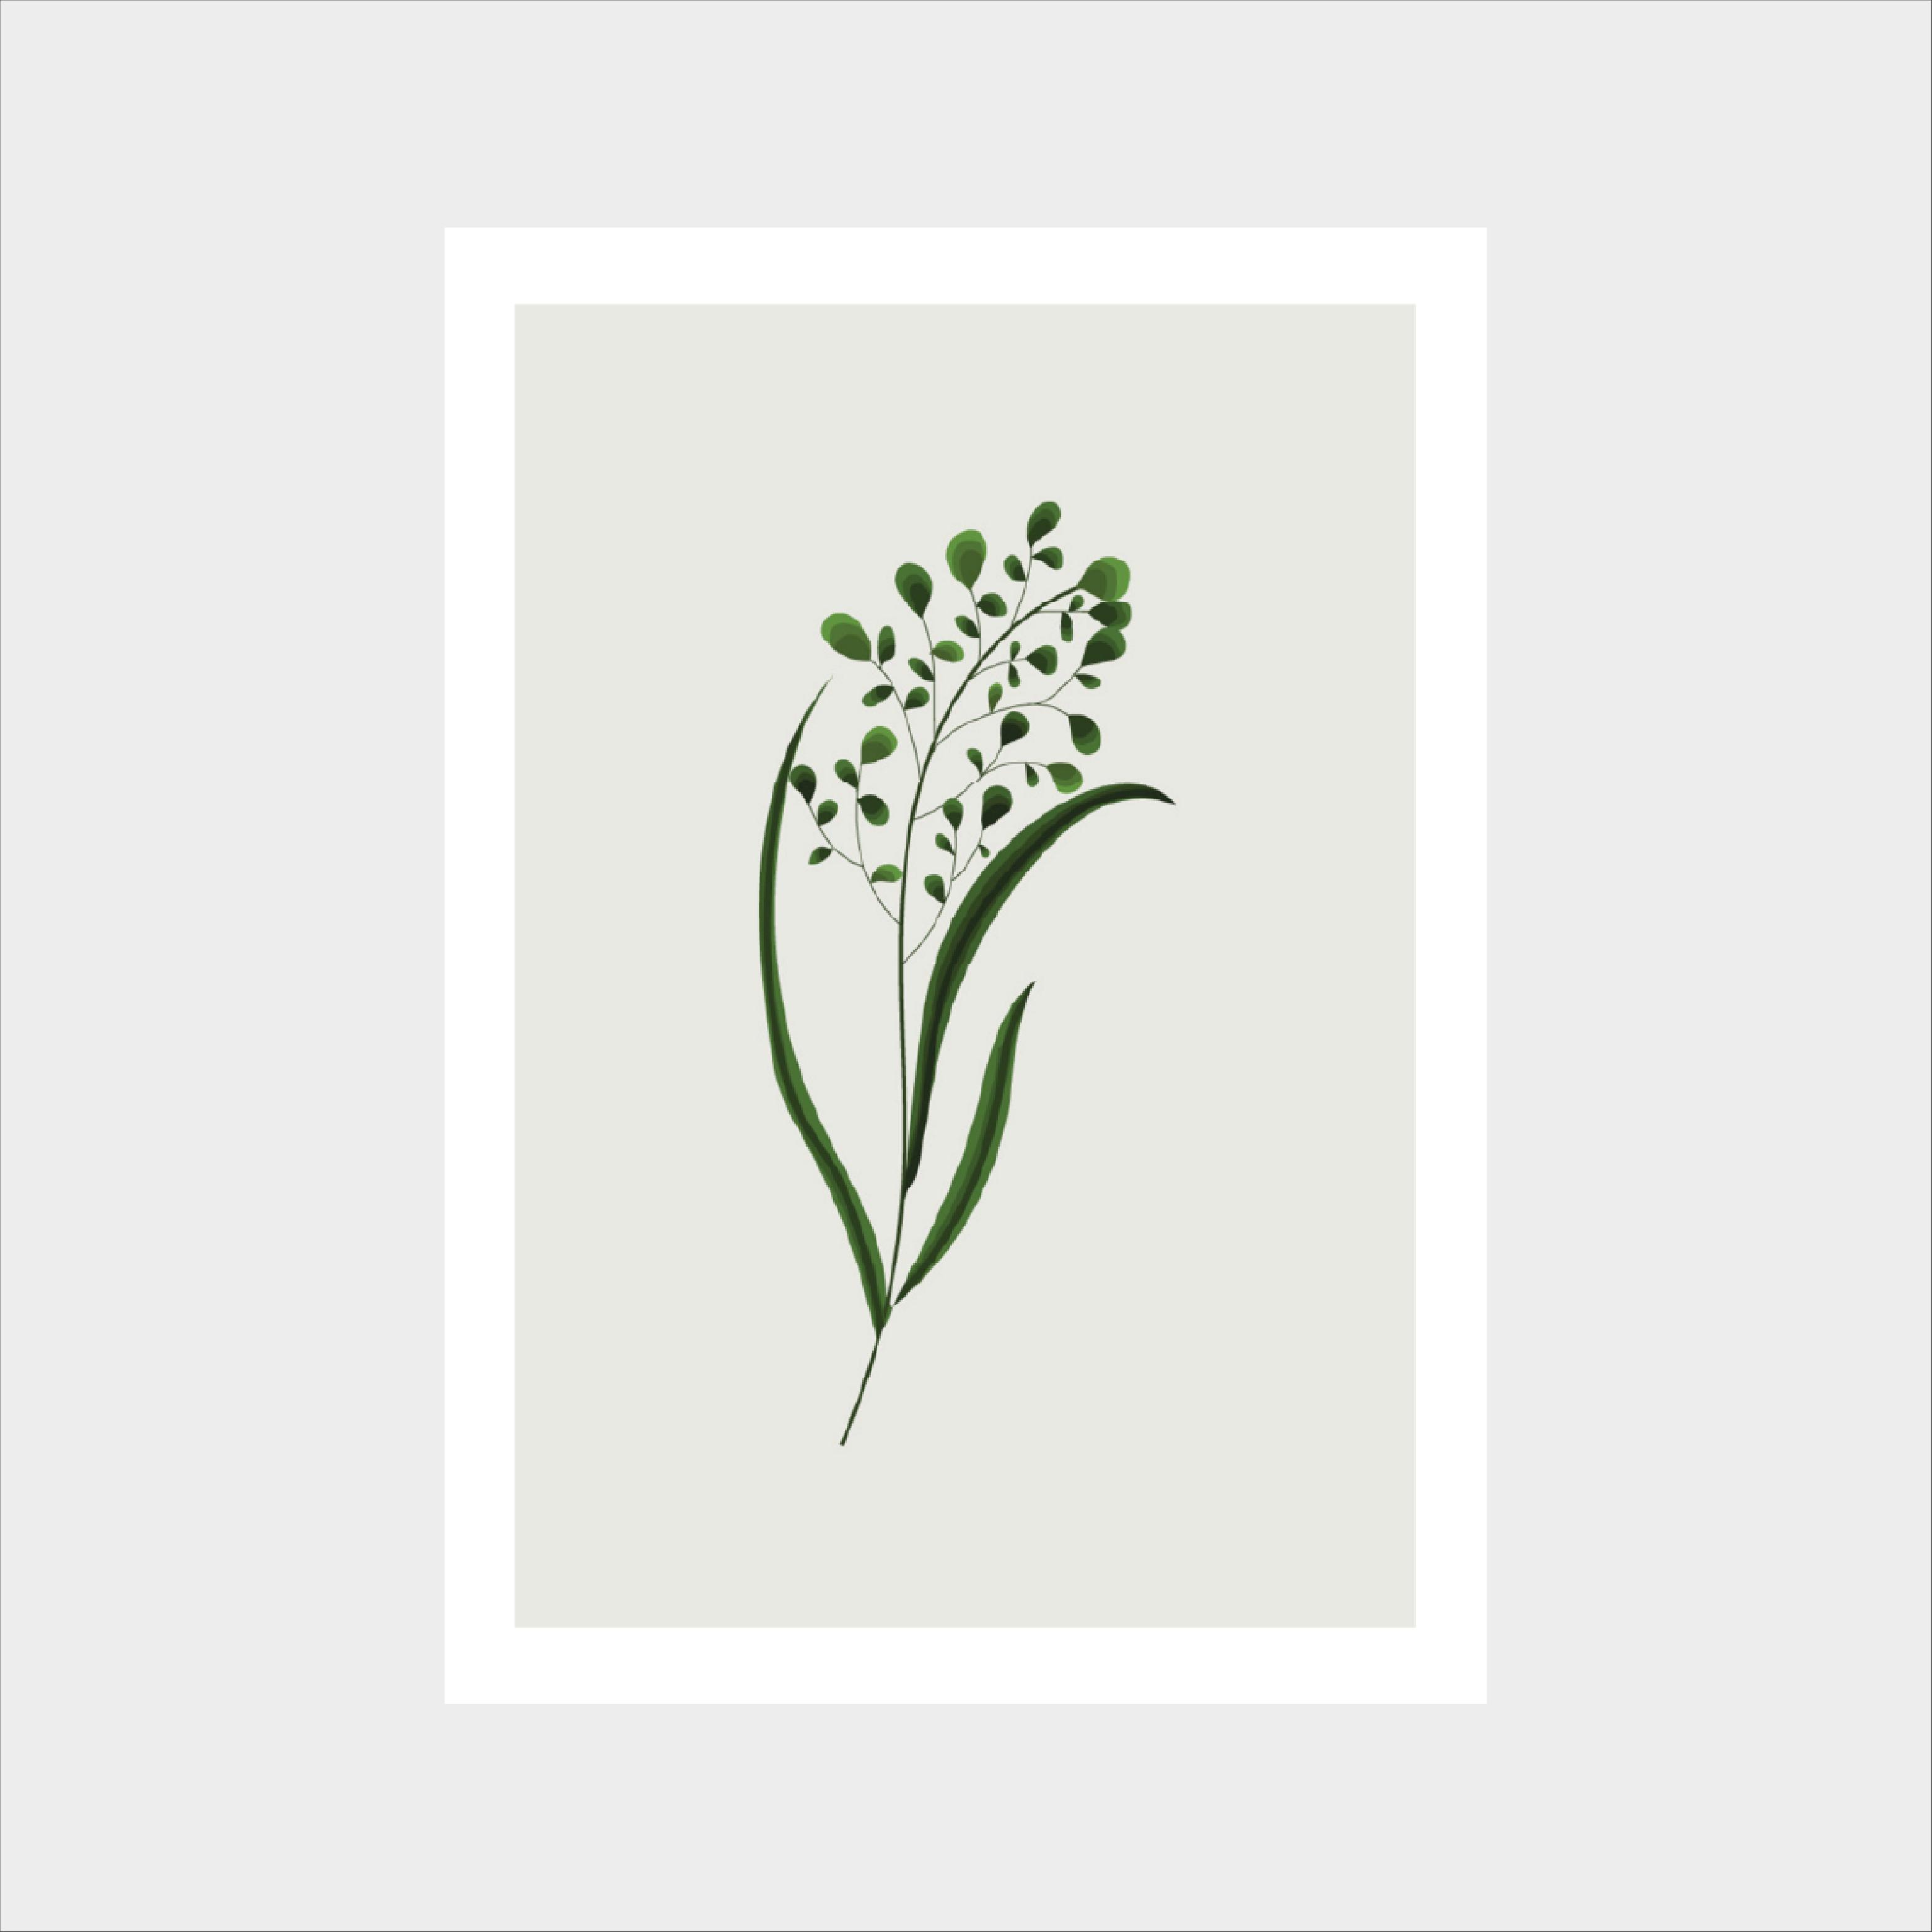 obrazek z roślinami dekoracja do salonu jadalini